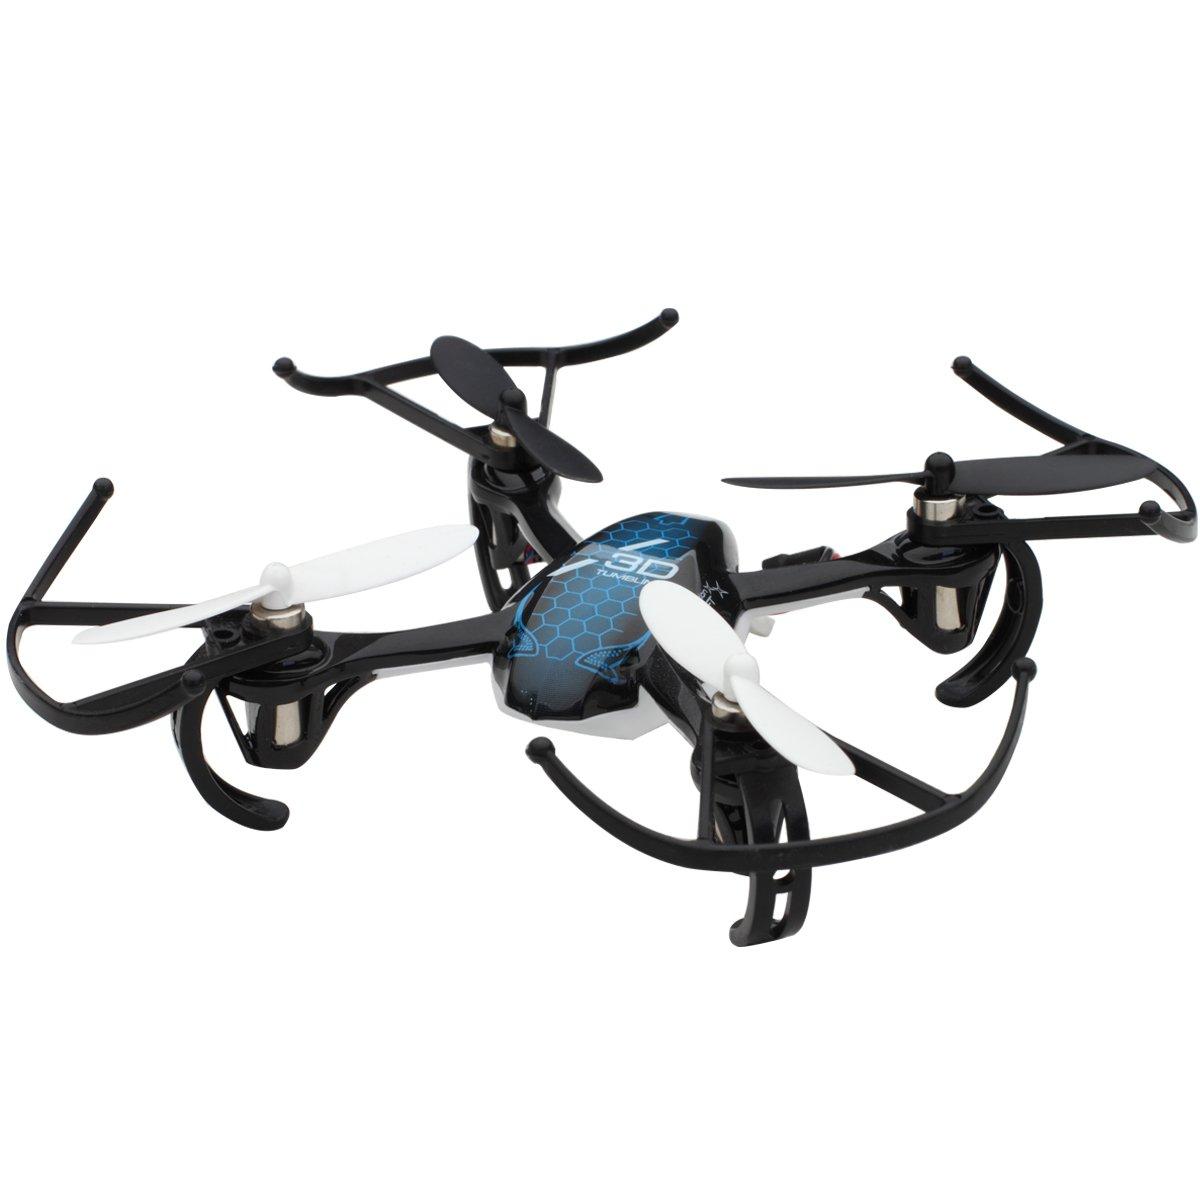 【爱亲亲】四轴飞行器 四旋翼2.4g遥控飞机ufo航模 可动乐玩具